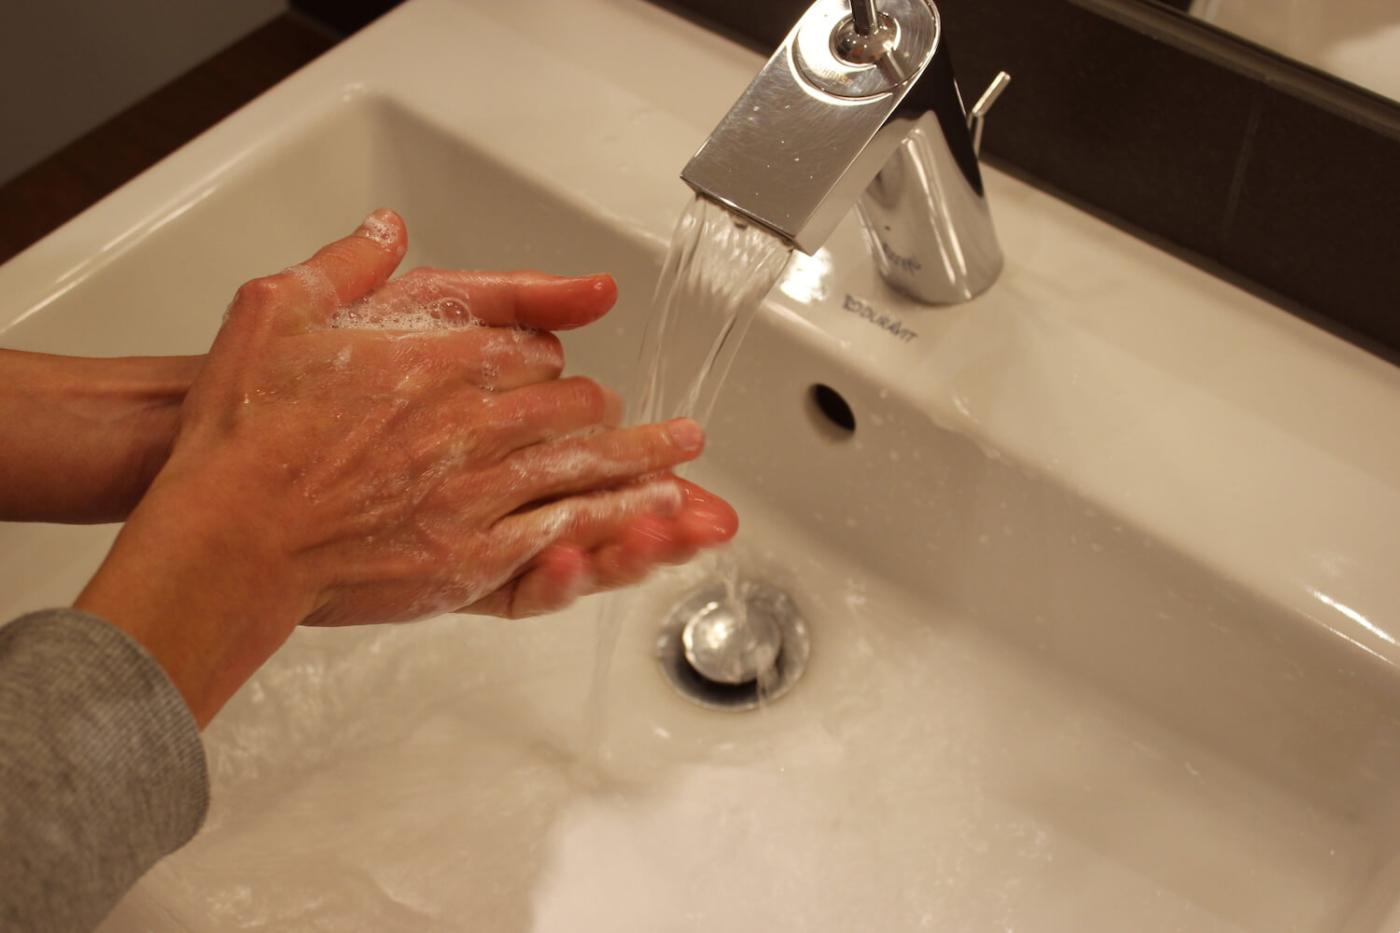 Corona: Wash your hands